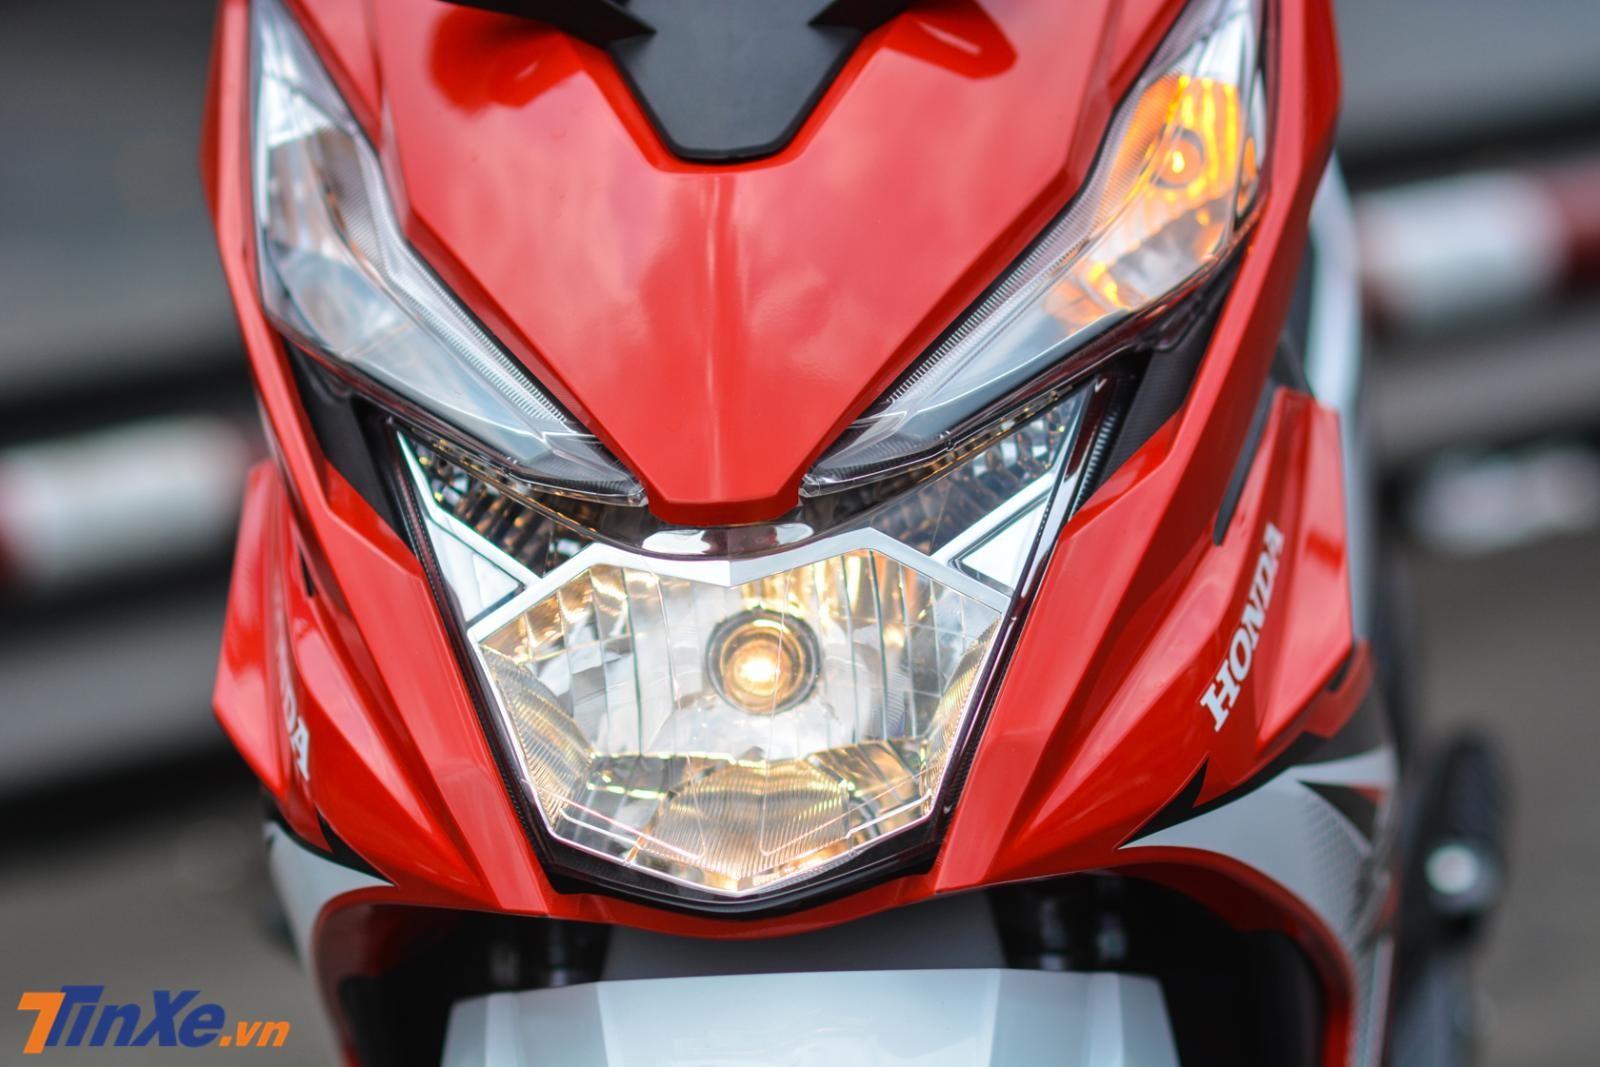 Đèn pha thiết kế đơn giản và sử dụng bóng halogen. Phía trên là 2 đèn xi-nhan